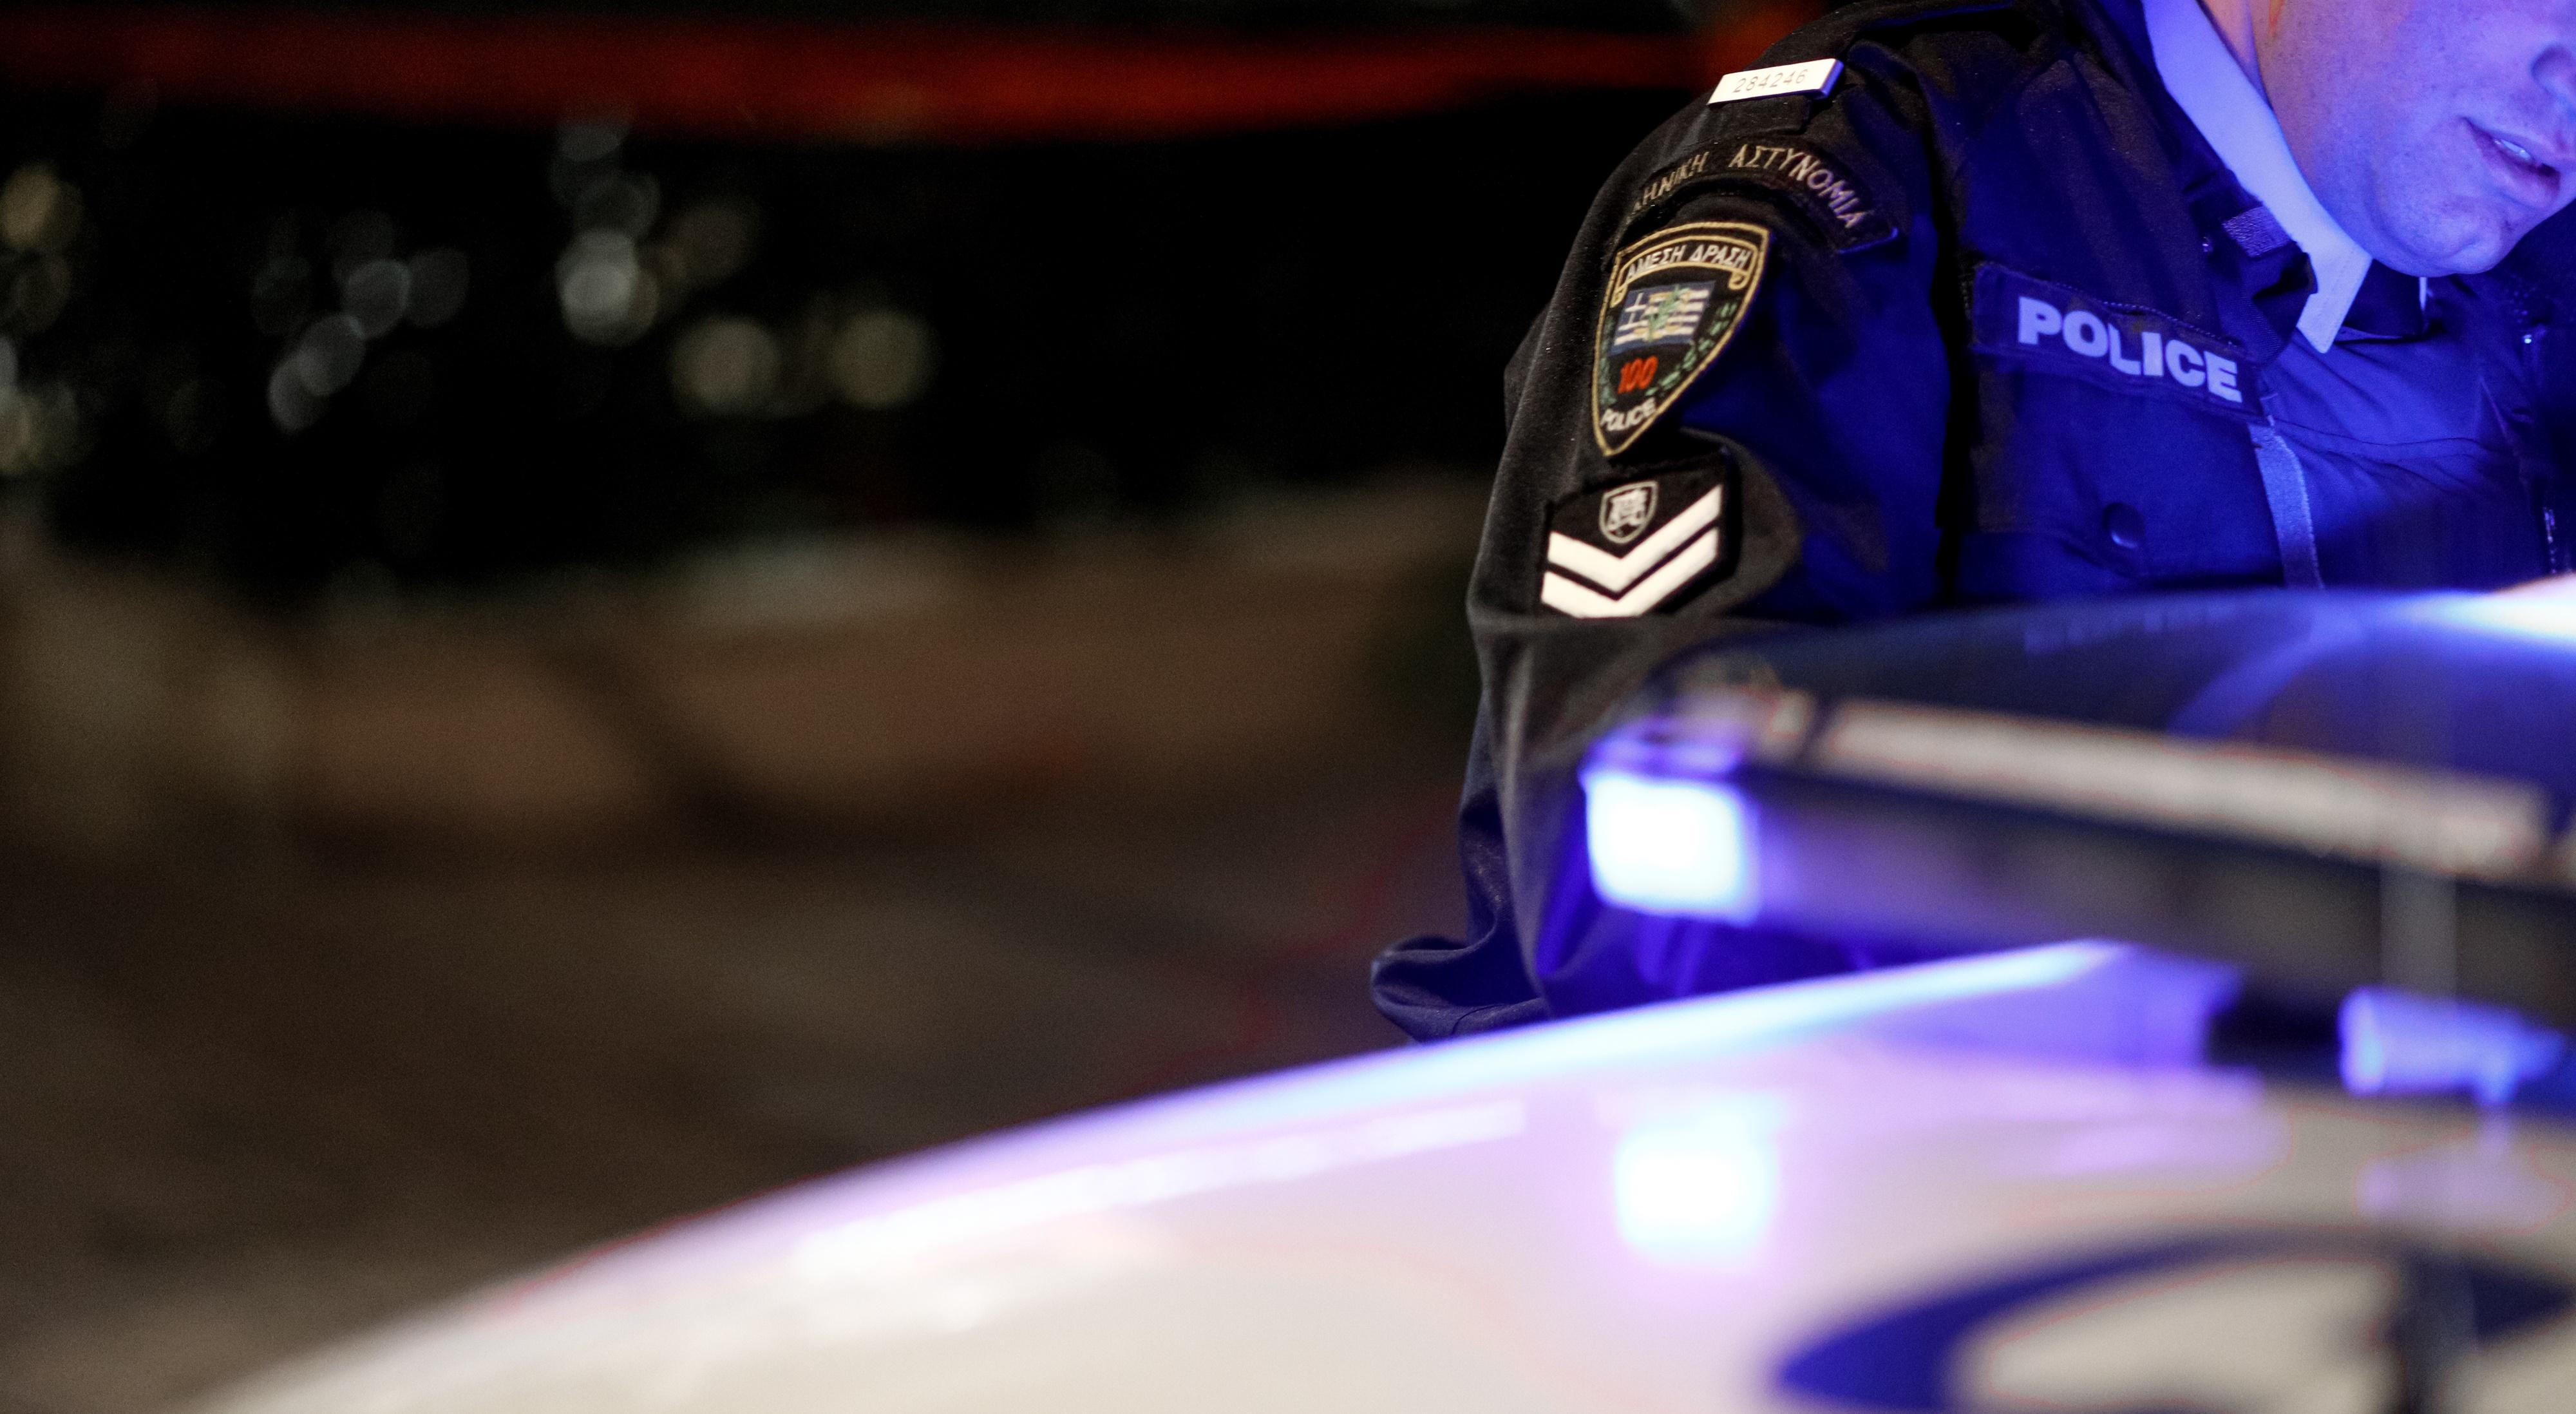 Μενάνδρου συλλήψεις: Χειροπέδες σε ντίλερ ναρκωτικών – Οι ευφάνταστες κρυψώνες